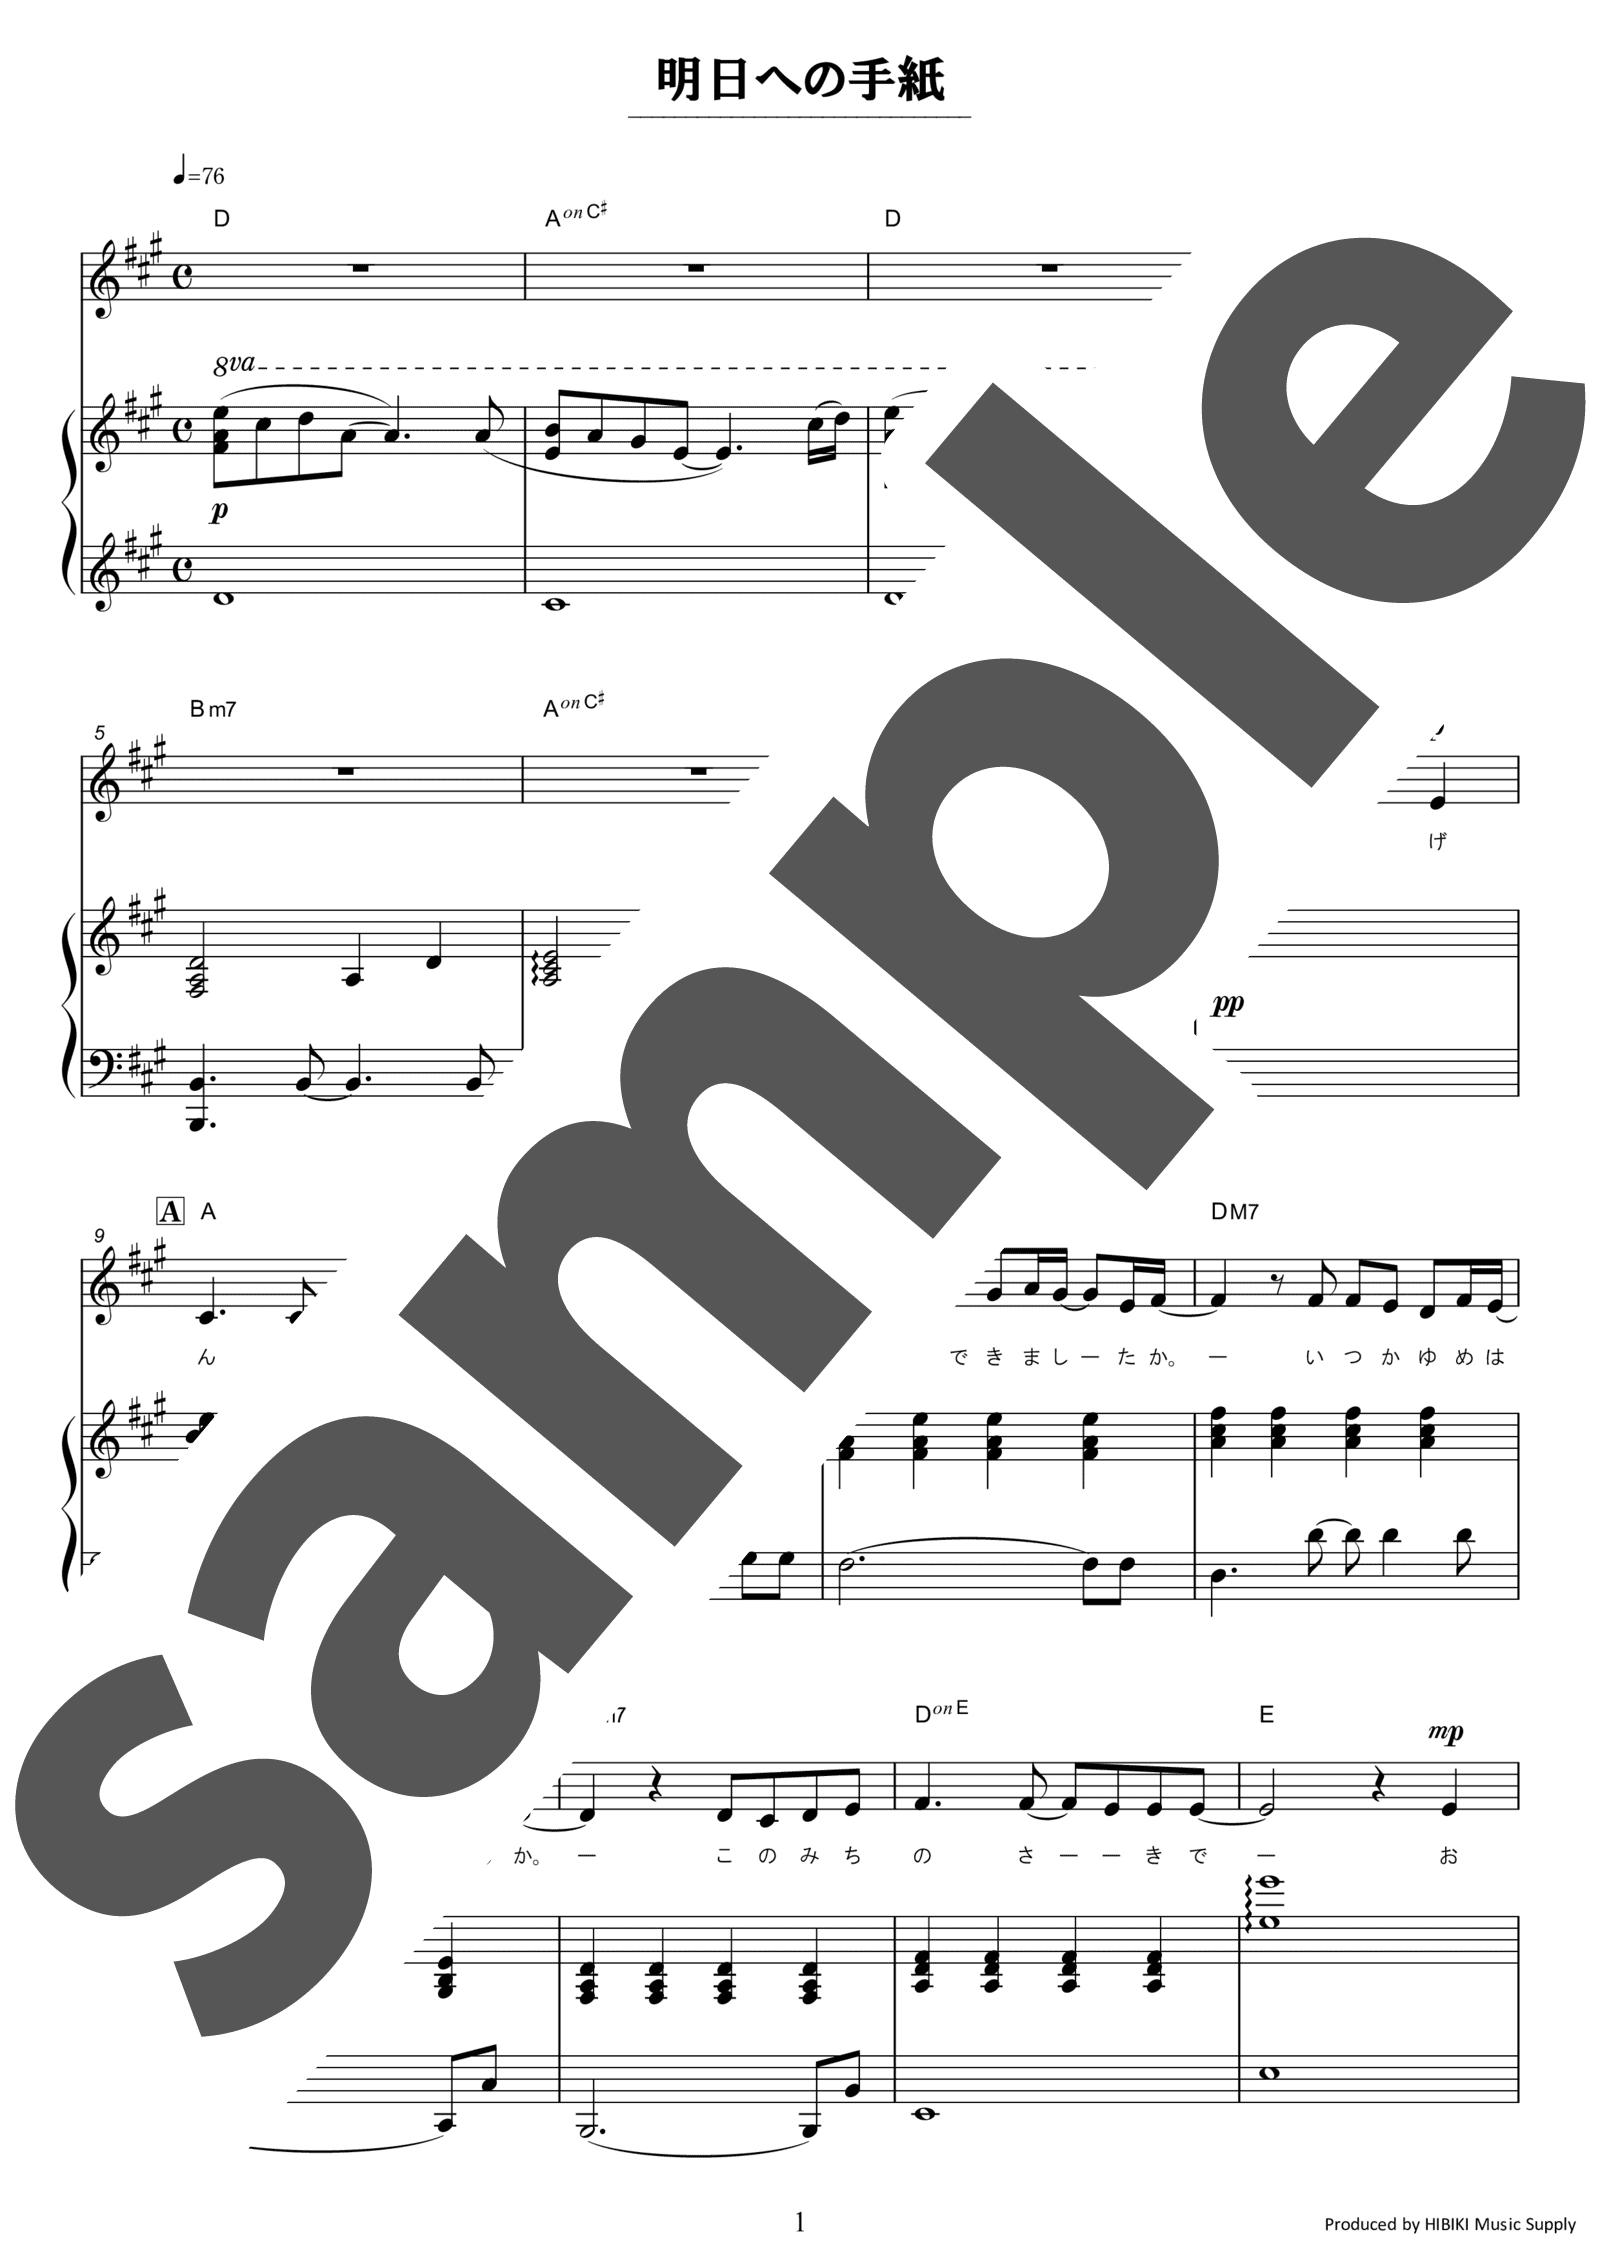 「明日への手紙」のサンプル楽譜